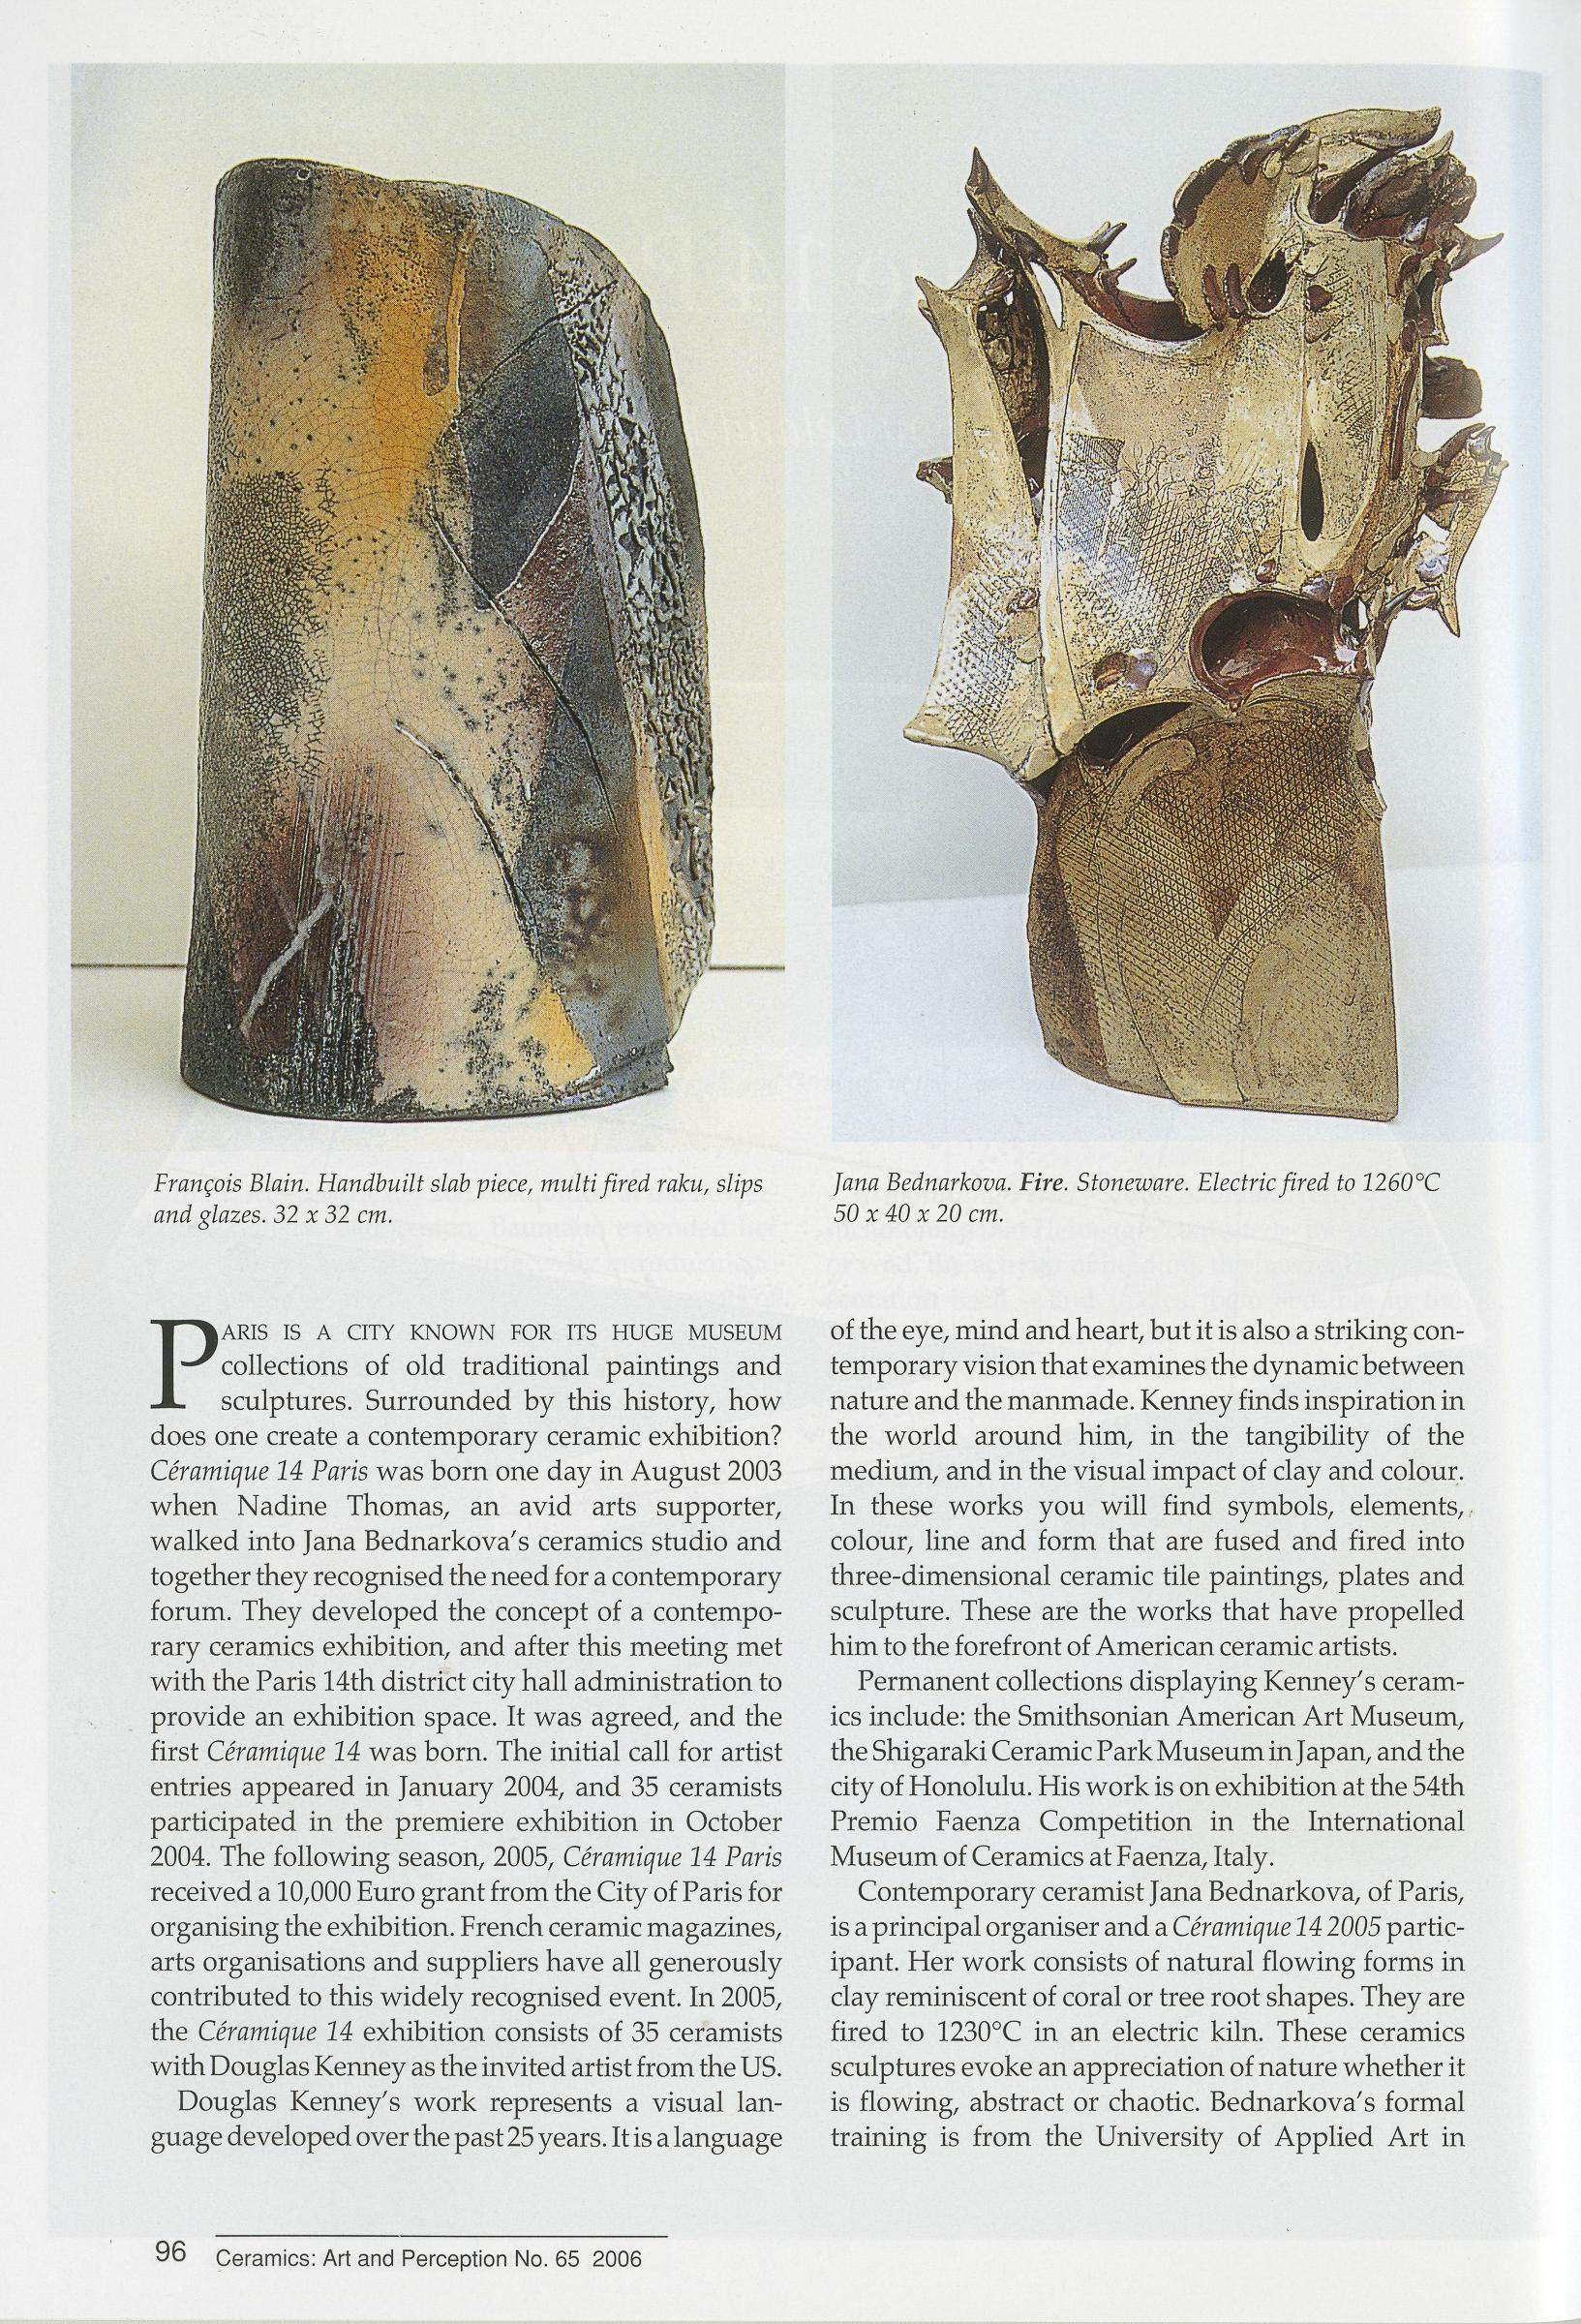 ceramique 14 press-12.jpg